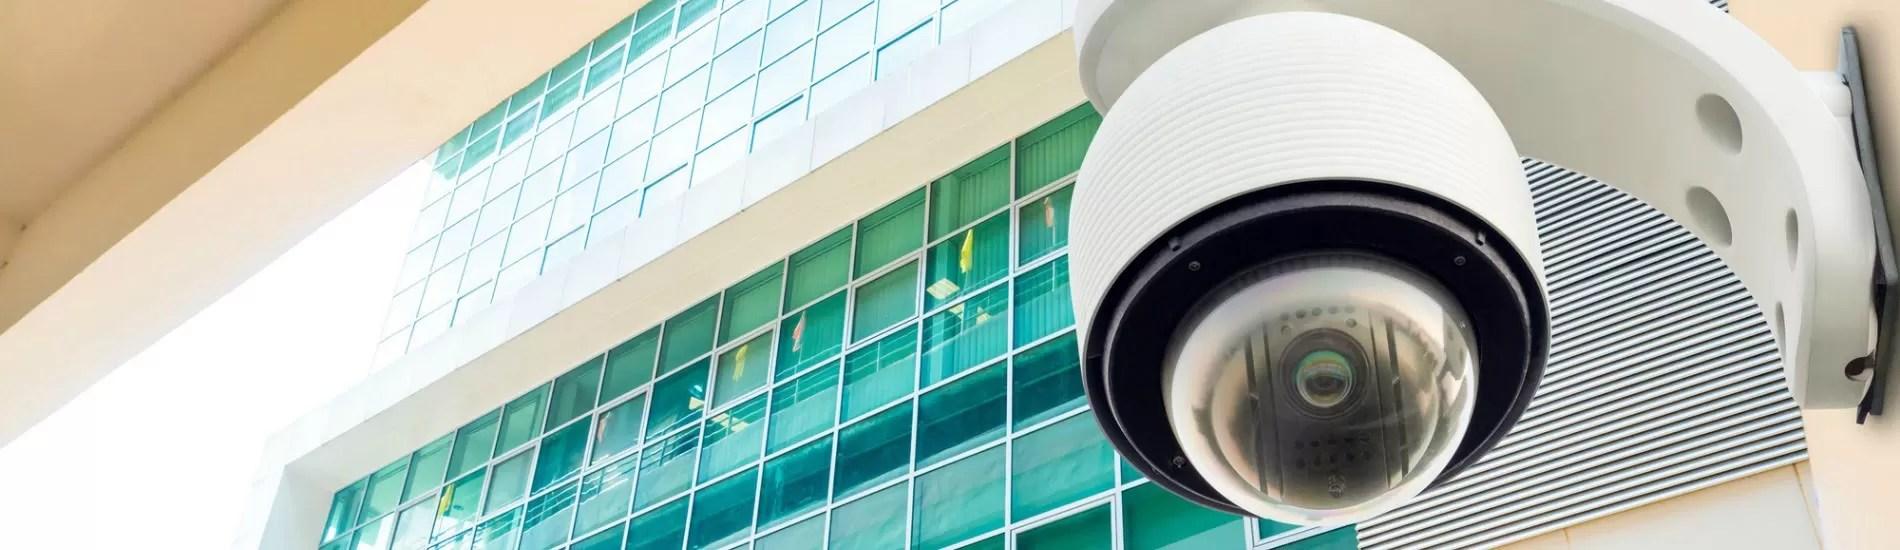 BBG security camera Hamilton